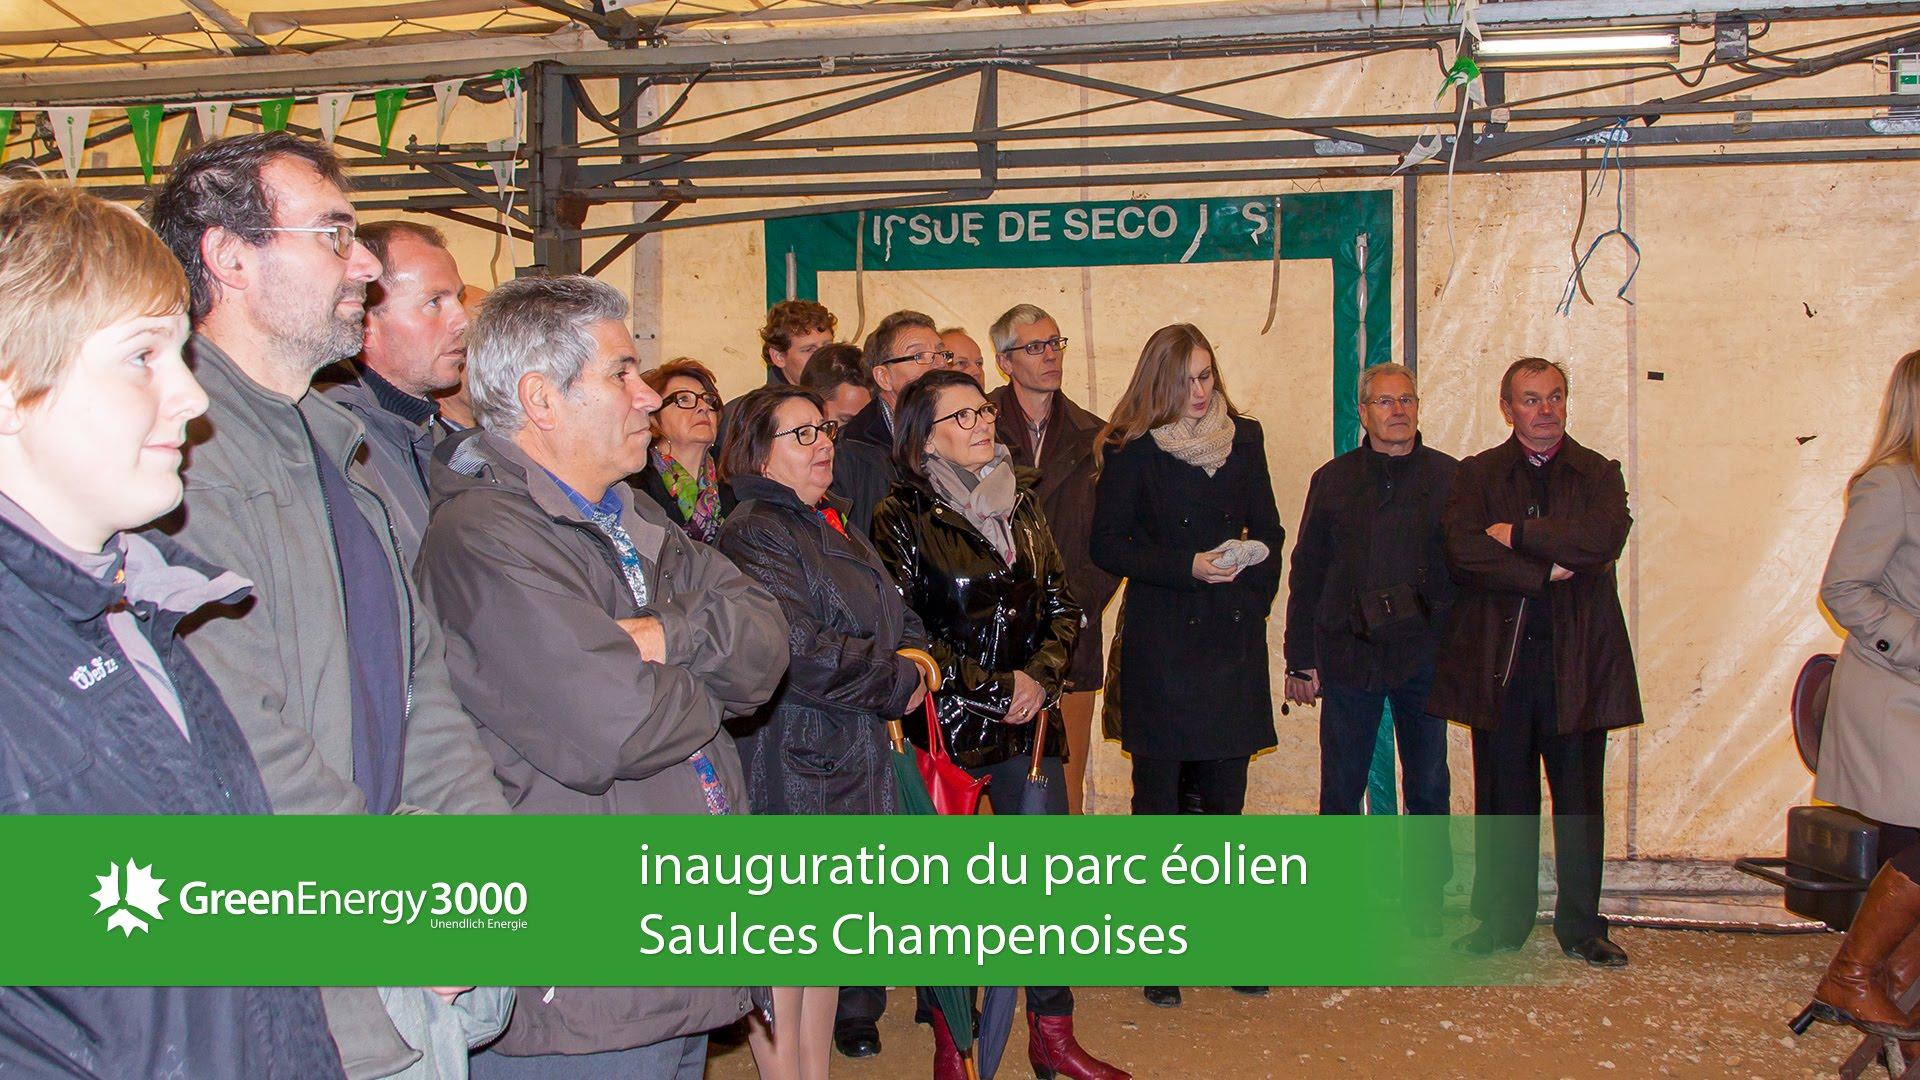 Inauguration du parc éolien Saulces Champenoises.